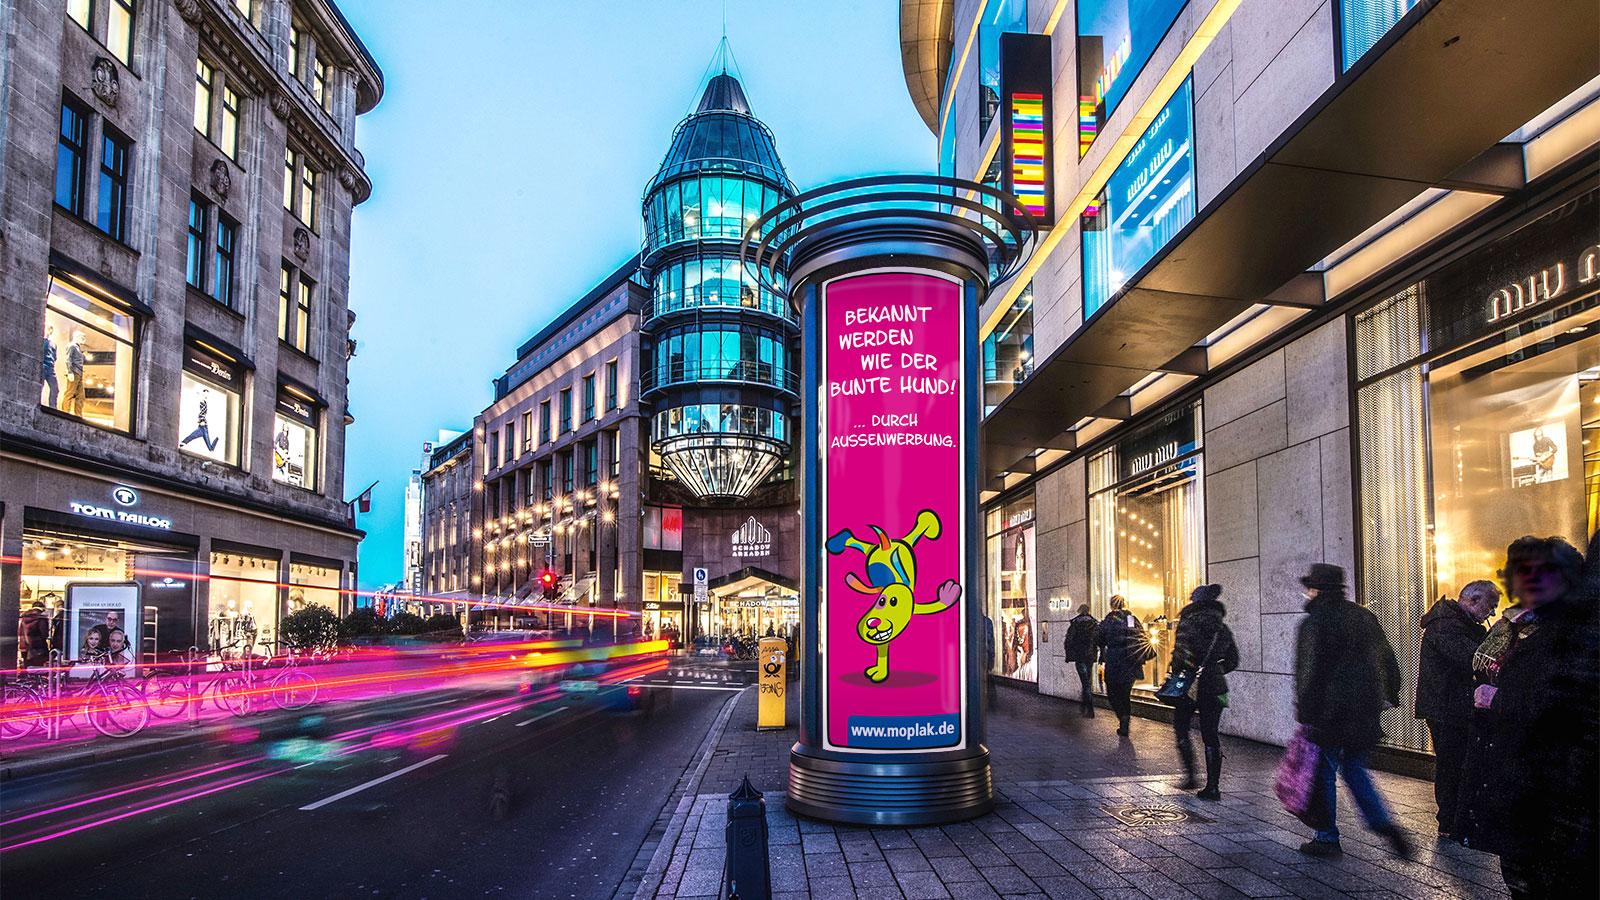 Trier-Aussenwerbung-Litfasssaeule-Werbung